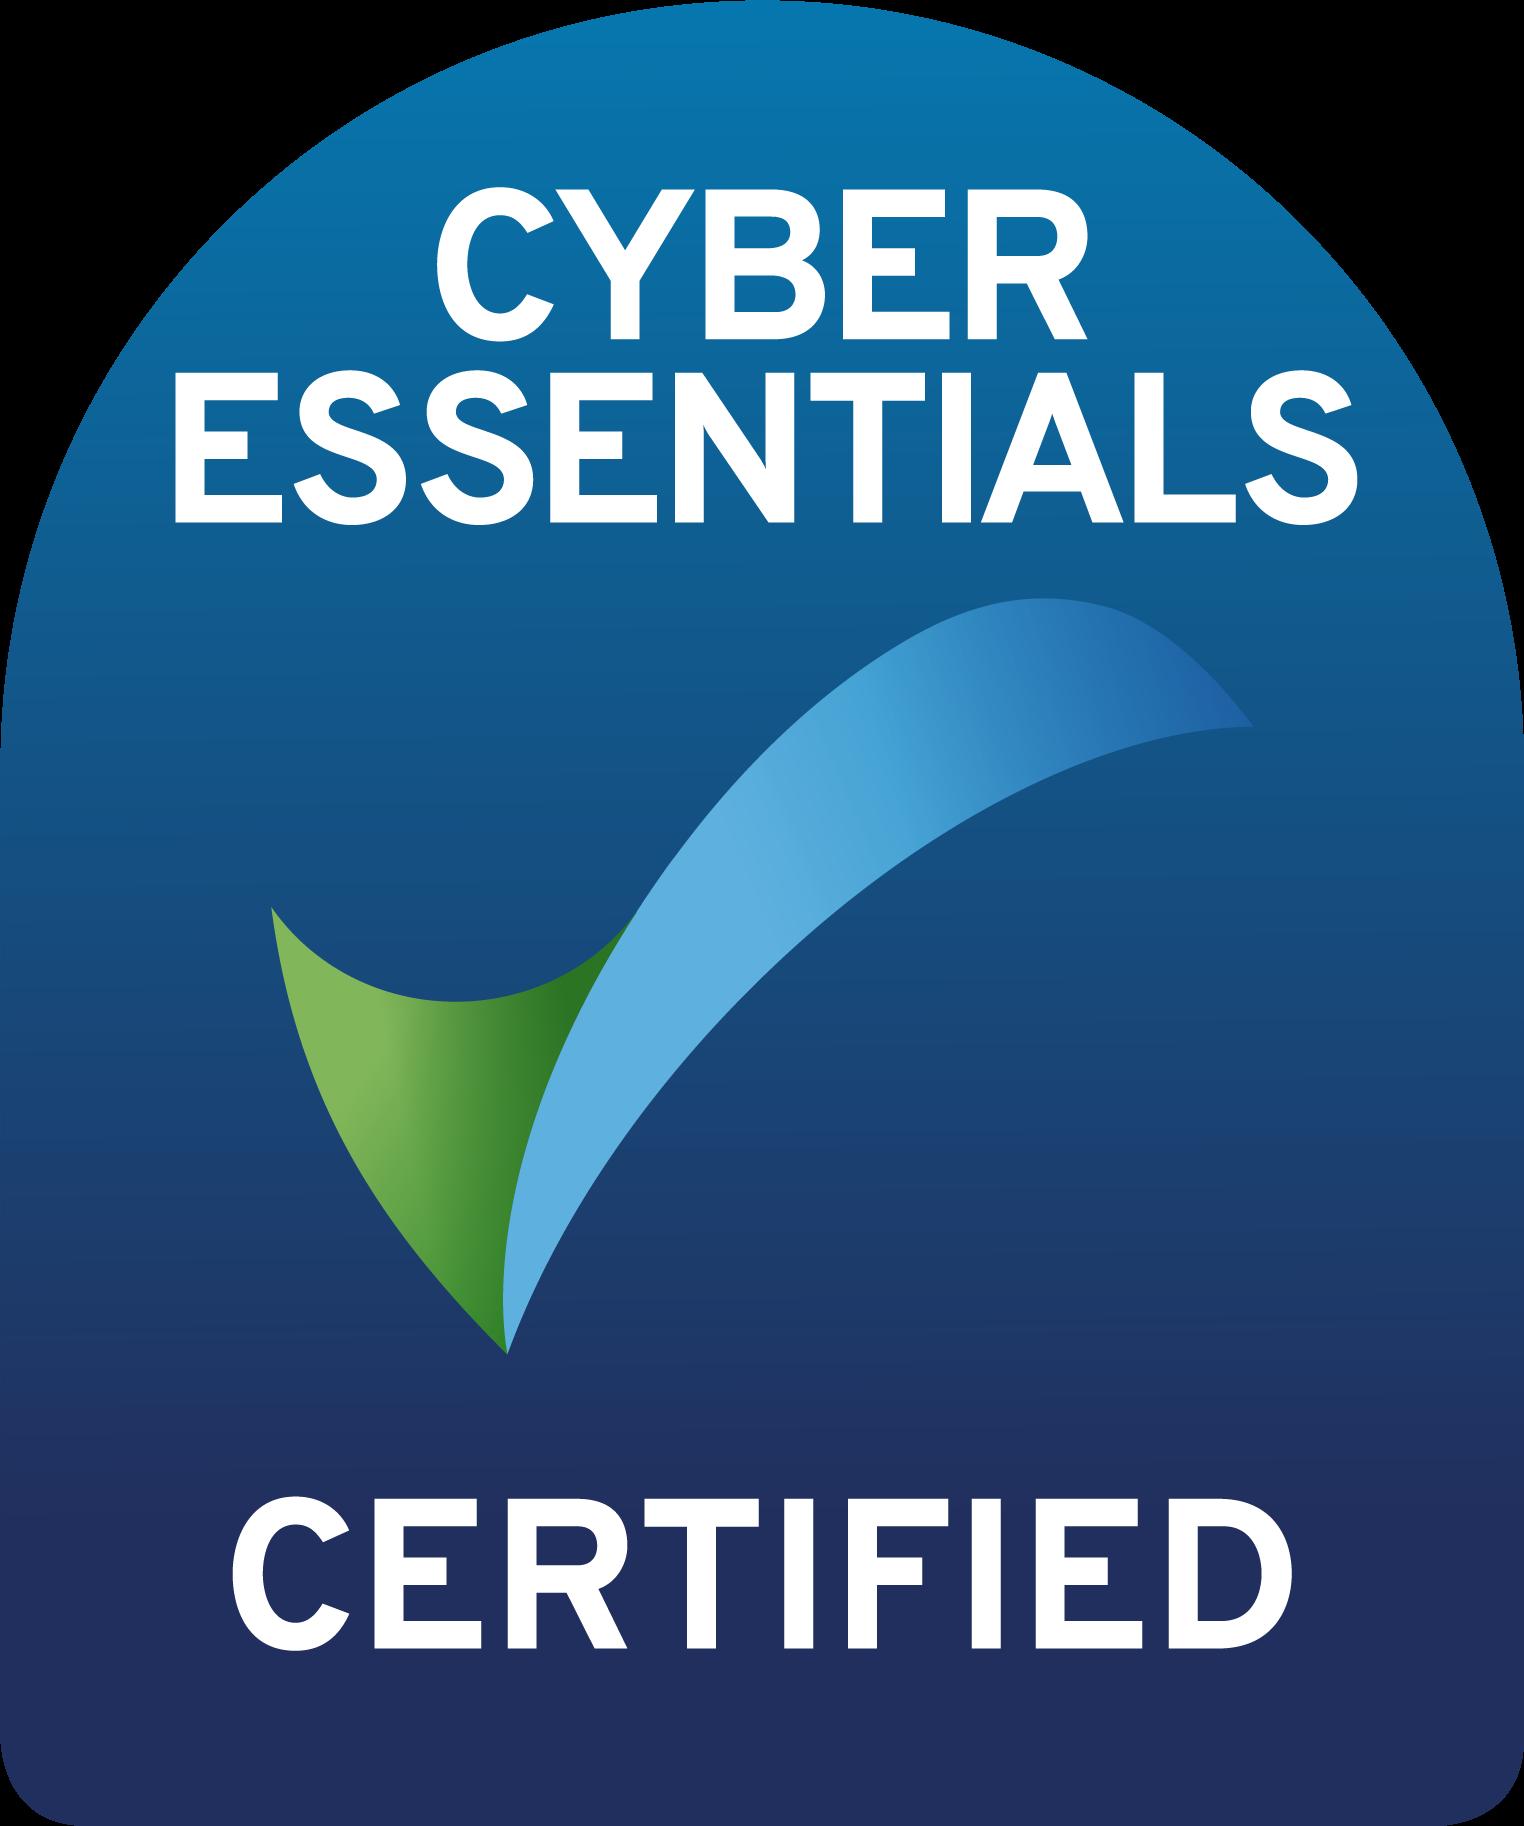 Cyber Essential Scheme